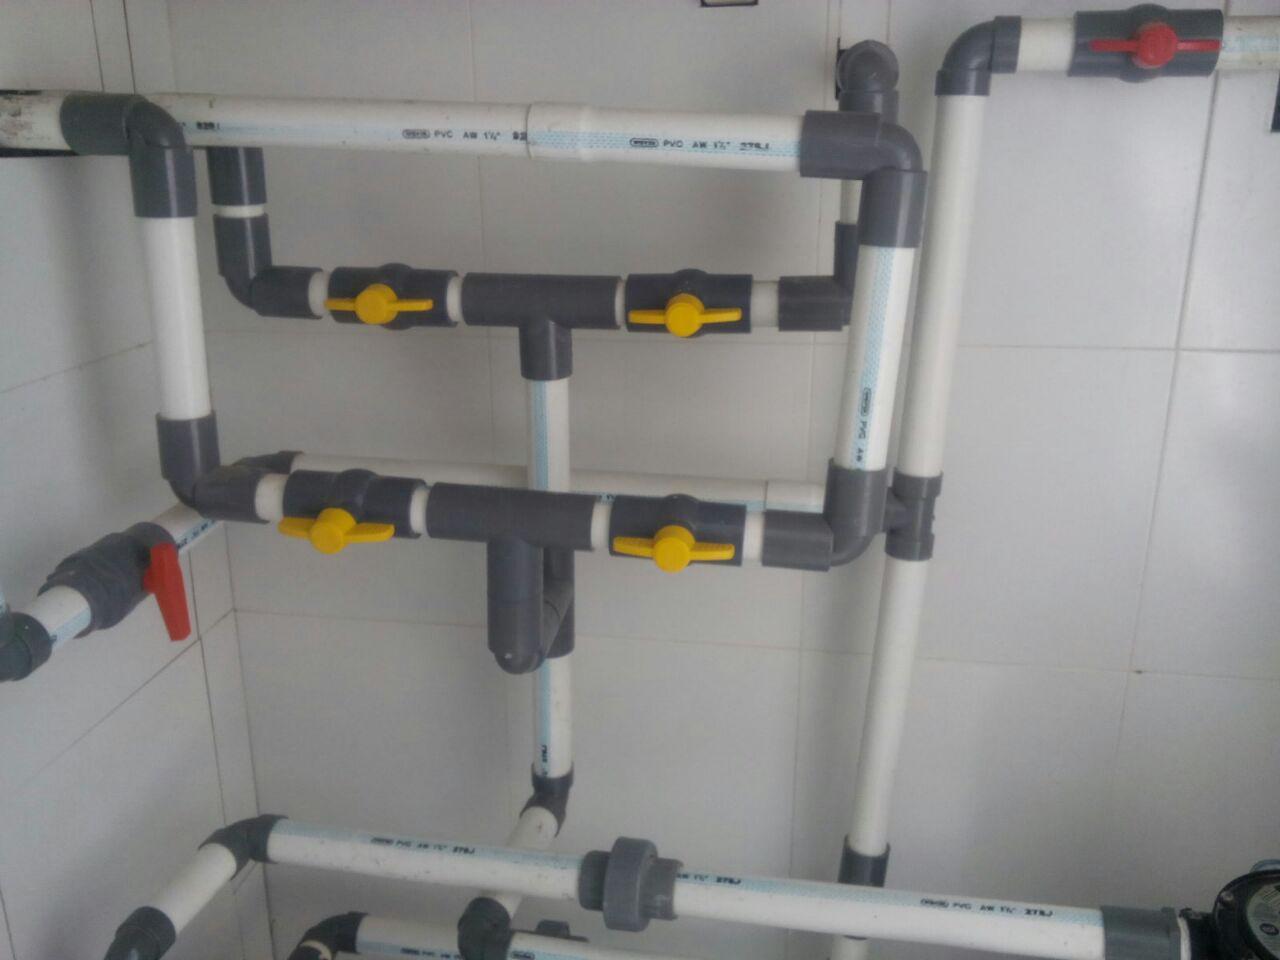 Jogjagaya Swimming Pool Grating Grill Kolam Renang Adapun Yang Harus Anda Perhatikan Ketika Instalasi Peralatan